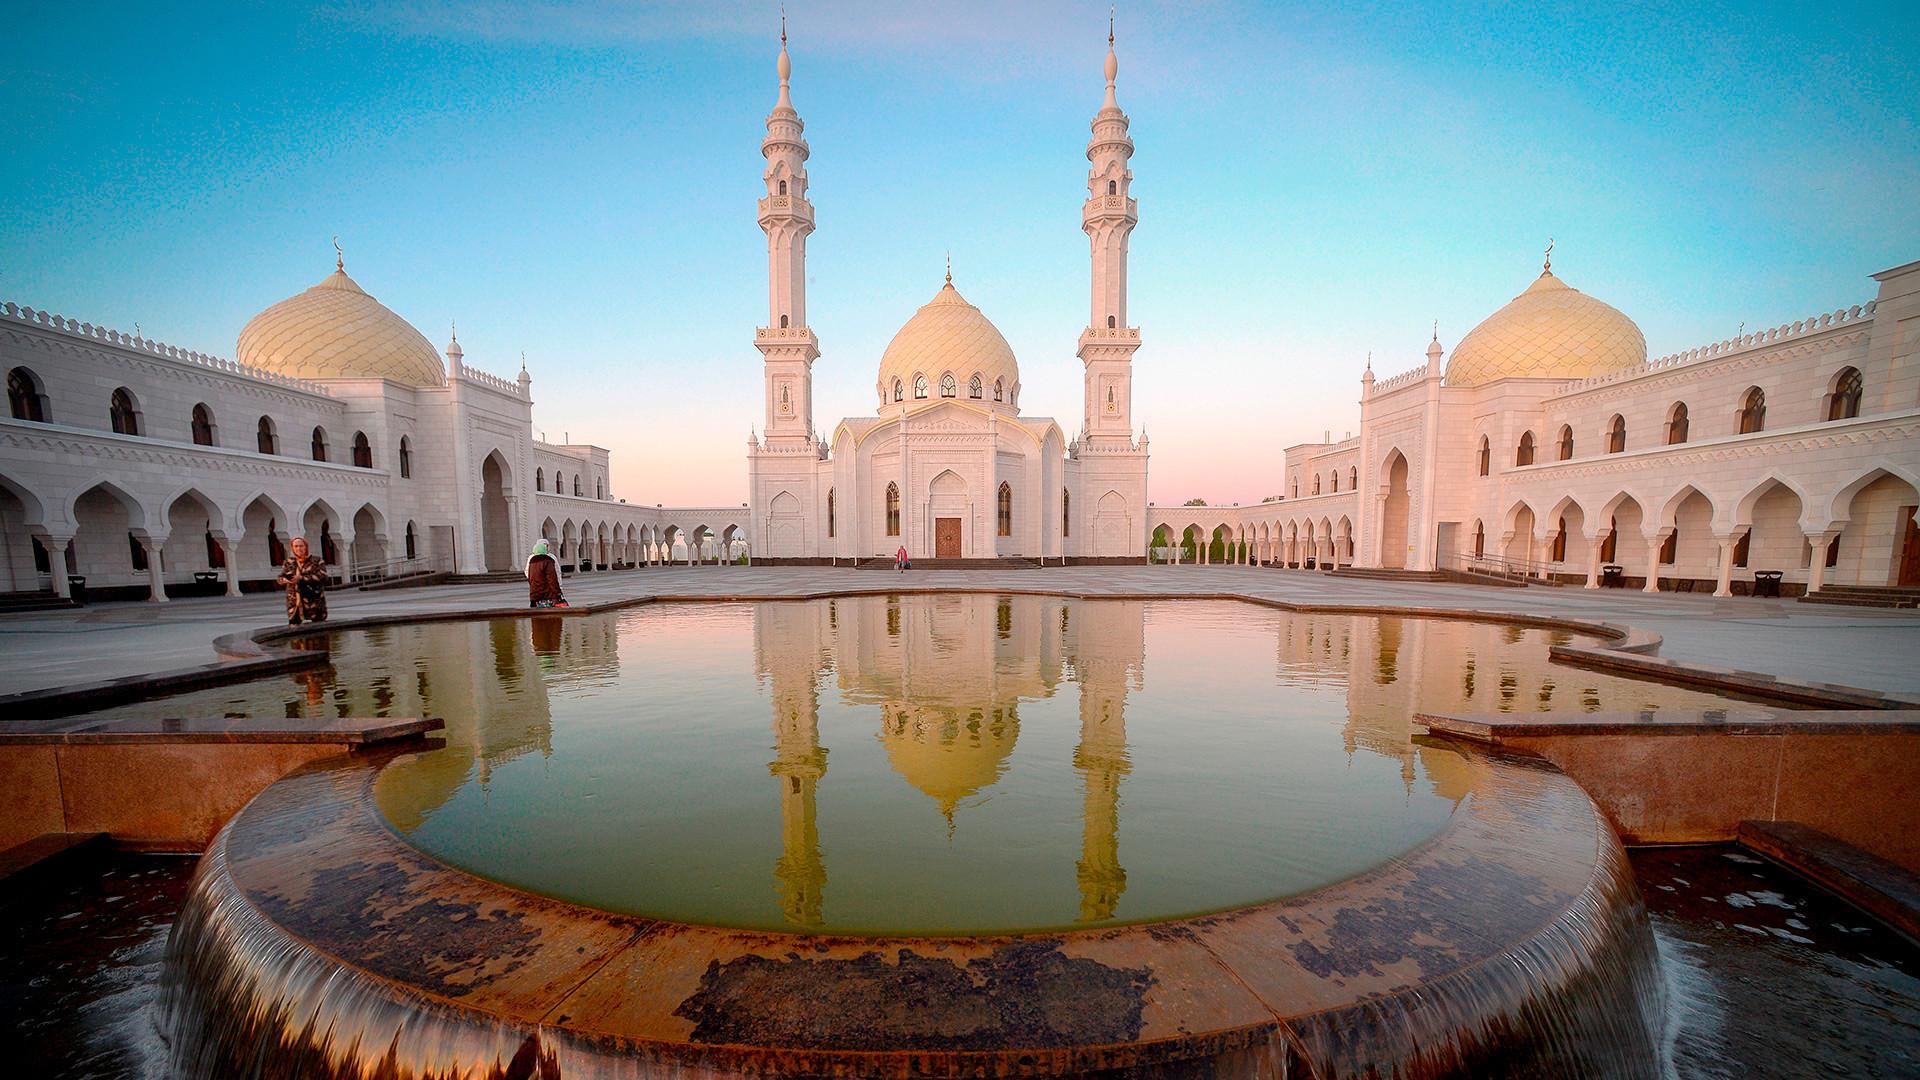 Џамијата Ак Џами во градот Болгар, празникот Изге Болгар Чиени е посветен на денот на примањето на исламот во Волшка Булгарија.